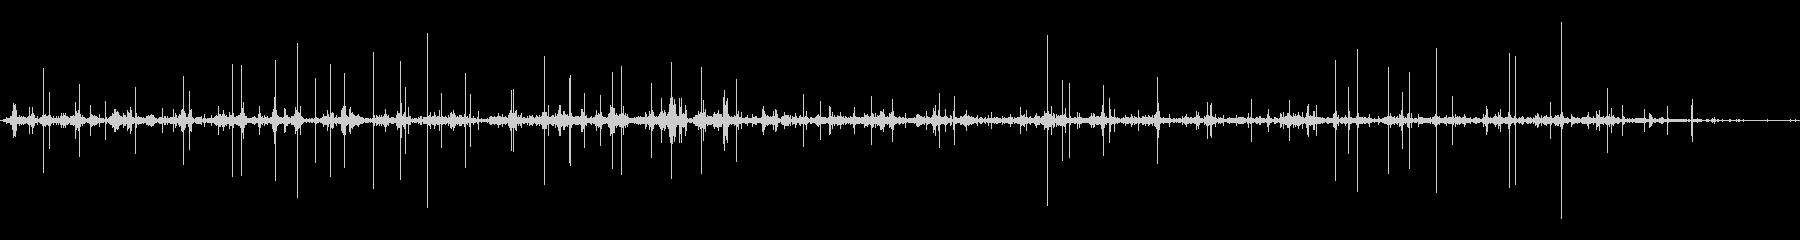 ソフトレザー:連続きしみ音、ギャロ...の未再生の波形